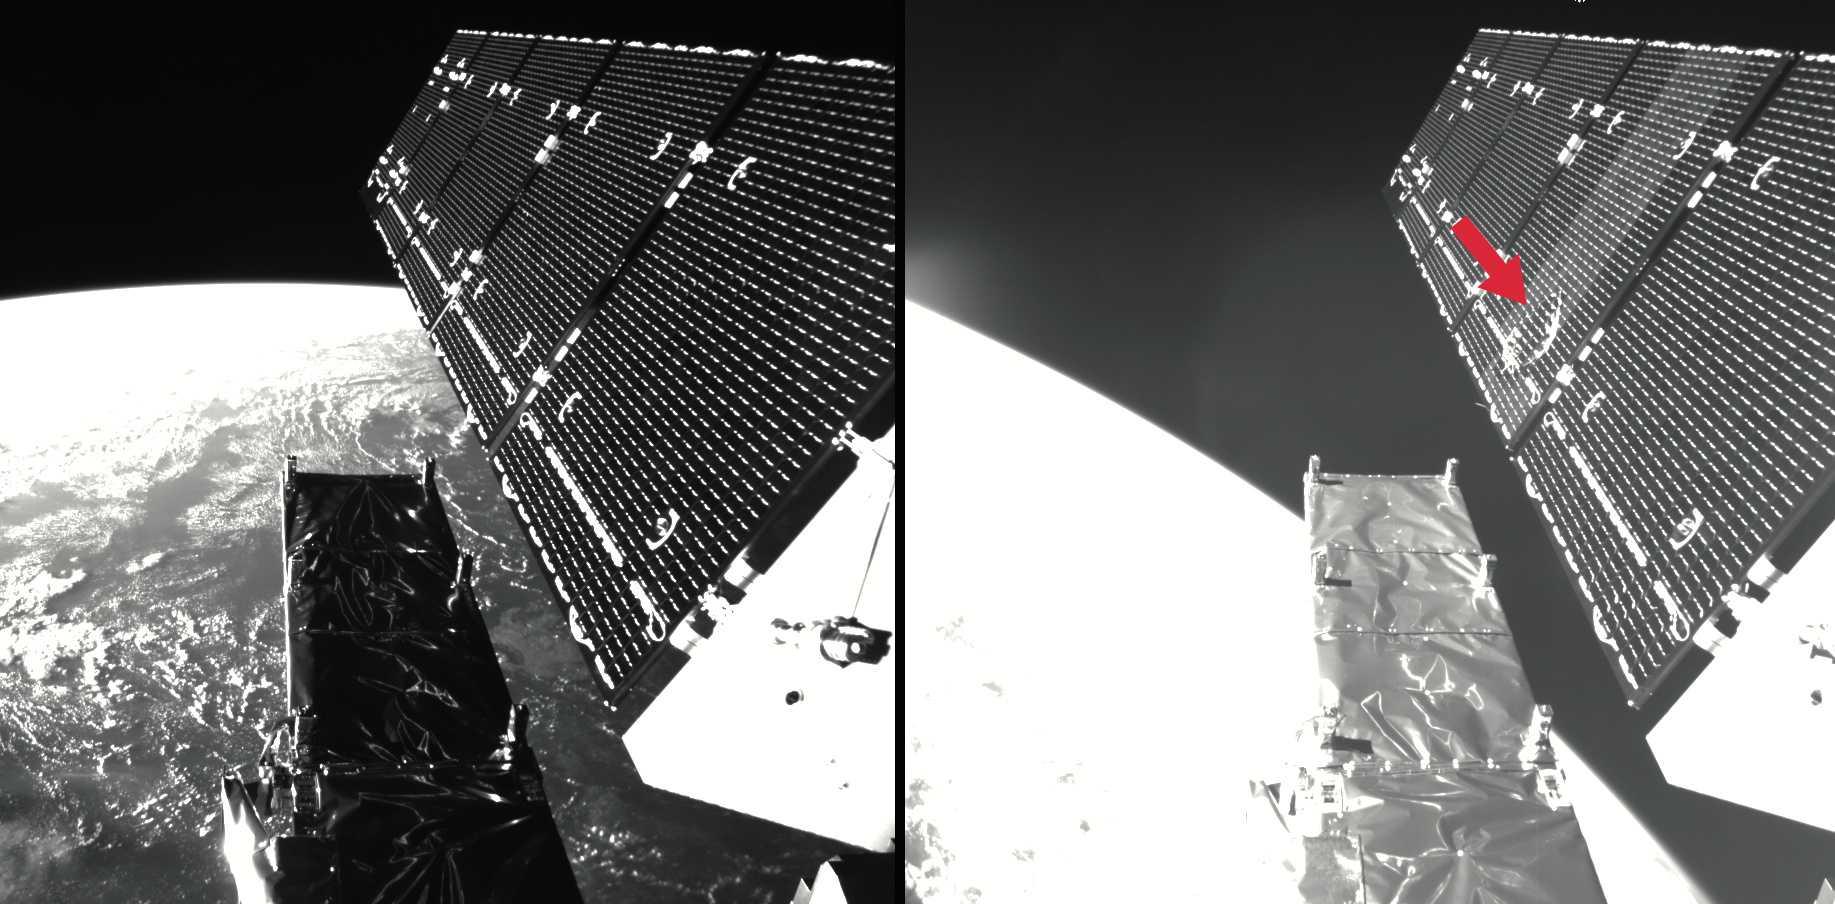 Beim ESA-Satelliten Sentinel-1 wurde ein Solarpanel von einem millimetergroßen Partikel getroffen (rechts: die Einschlagstelle).